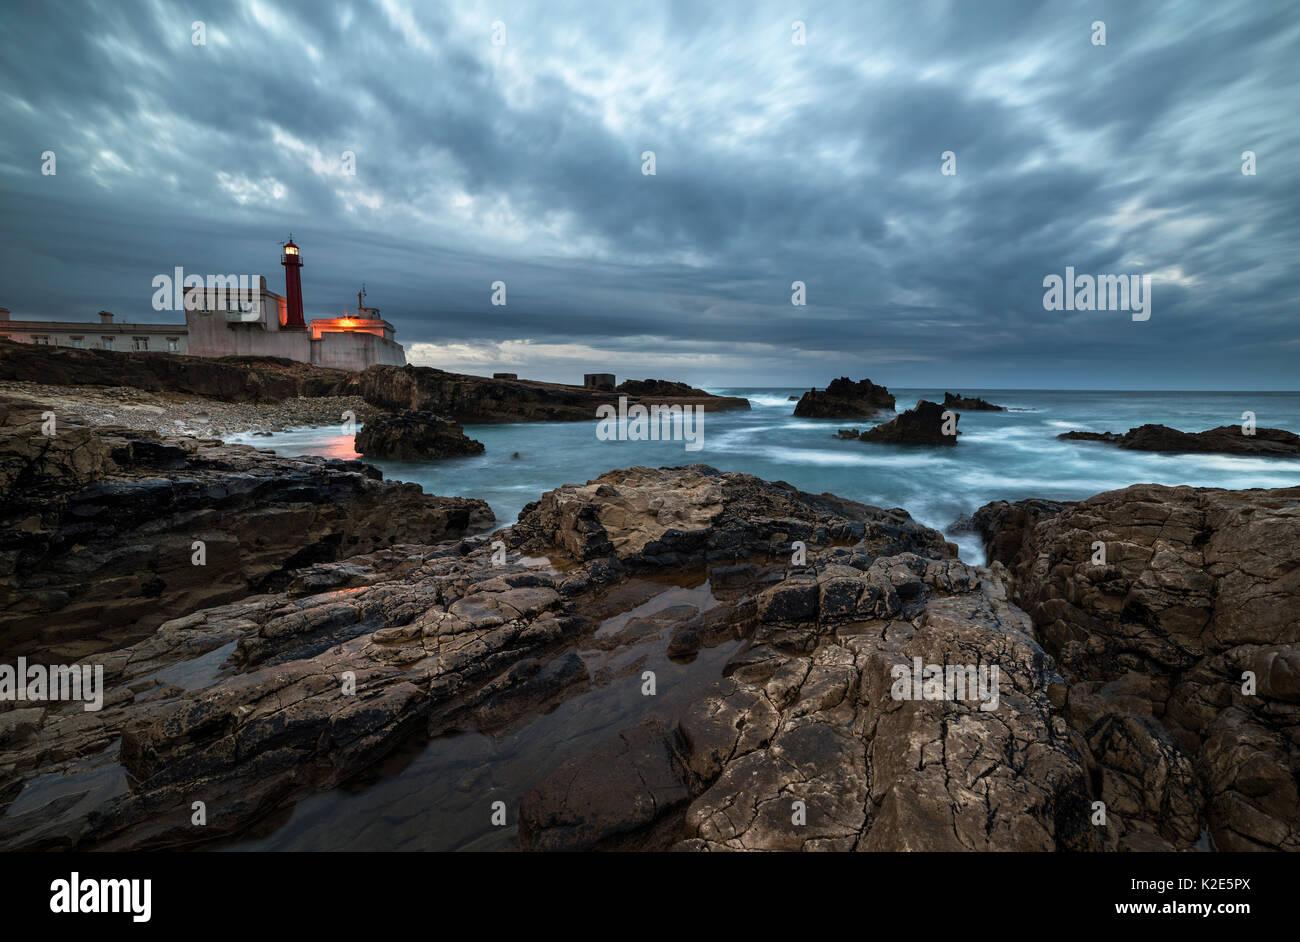 Lighthouse, Cape Cabo Raso, Forte de Sao Bras de Sanxete, Cascais, Lisbon, Portugal - Stock Image